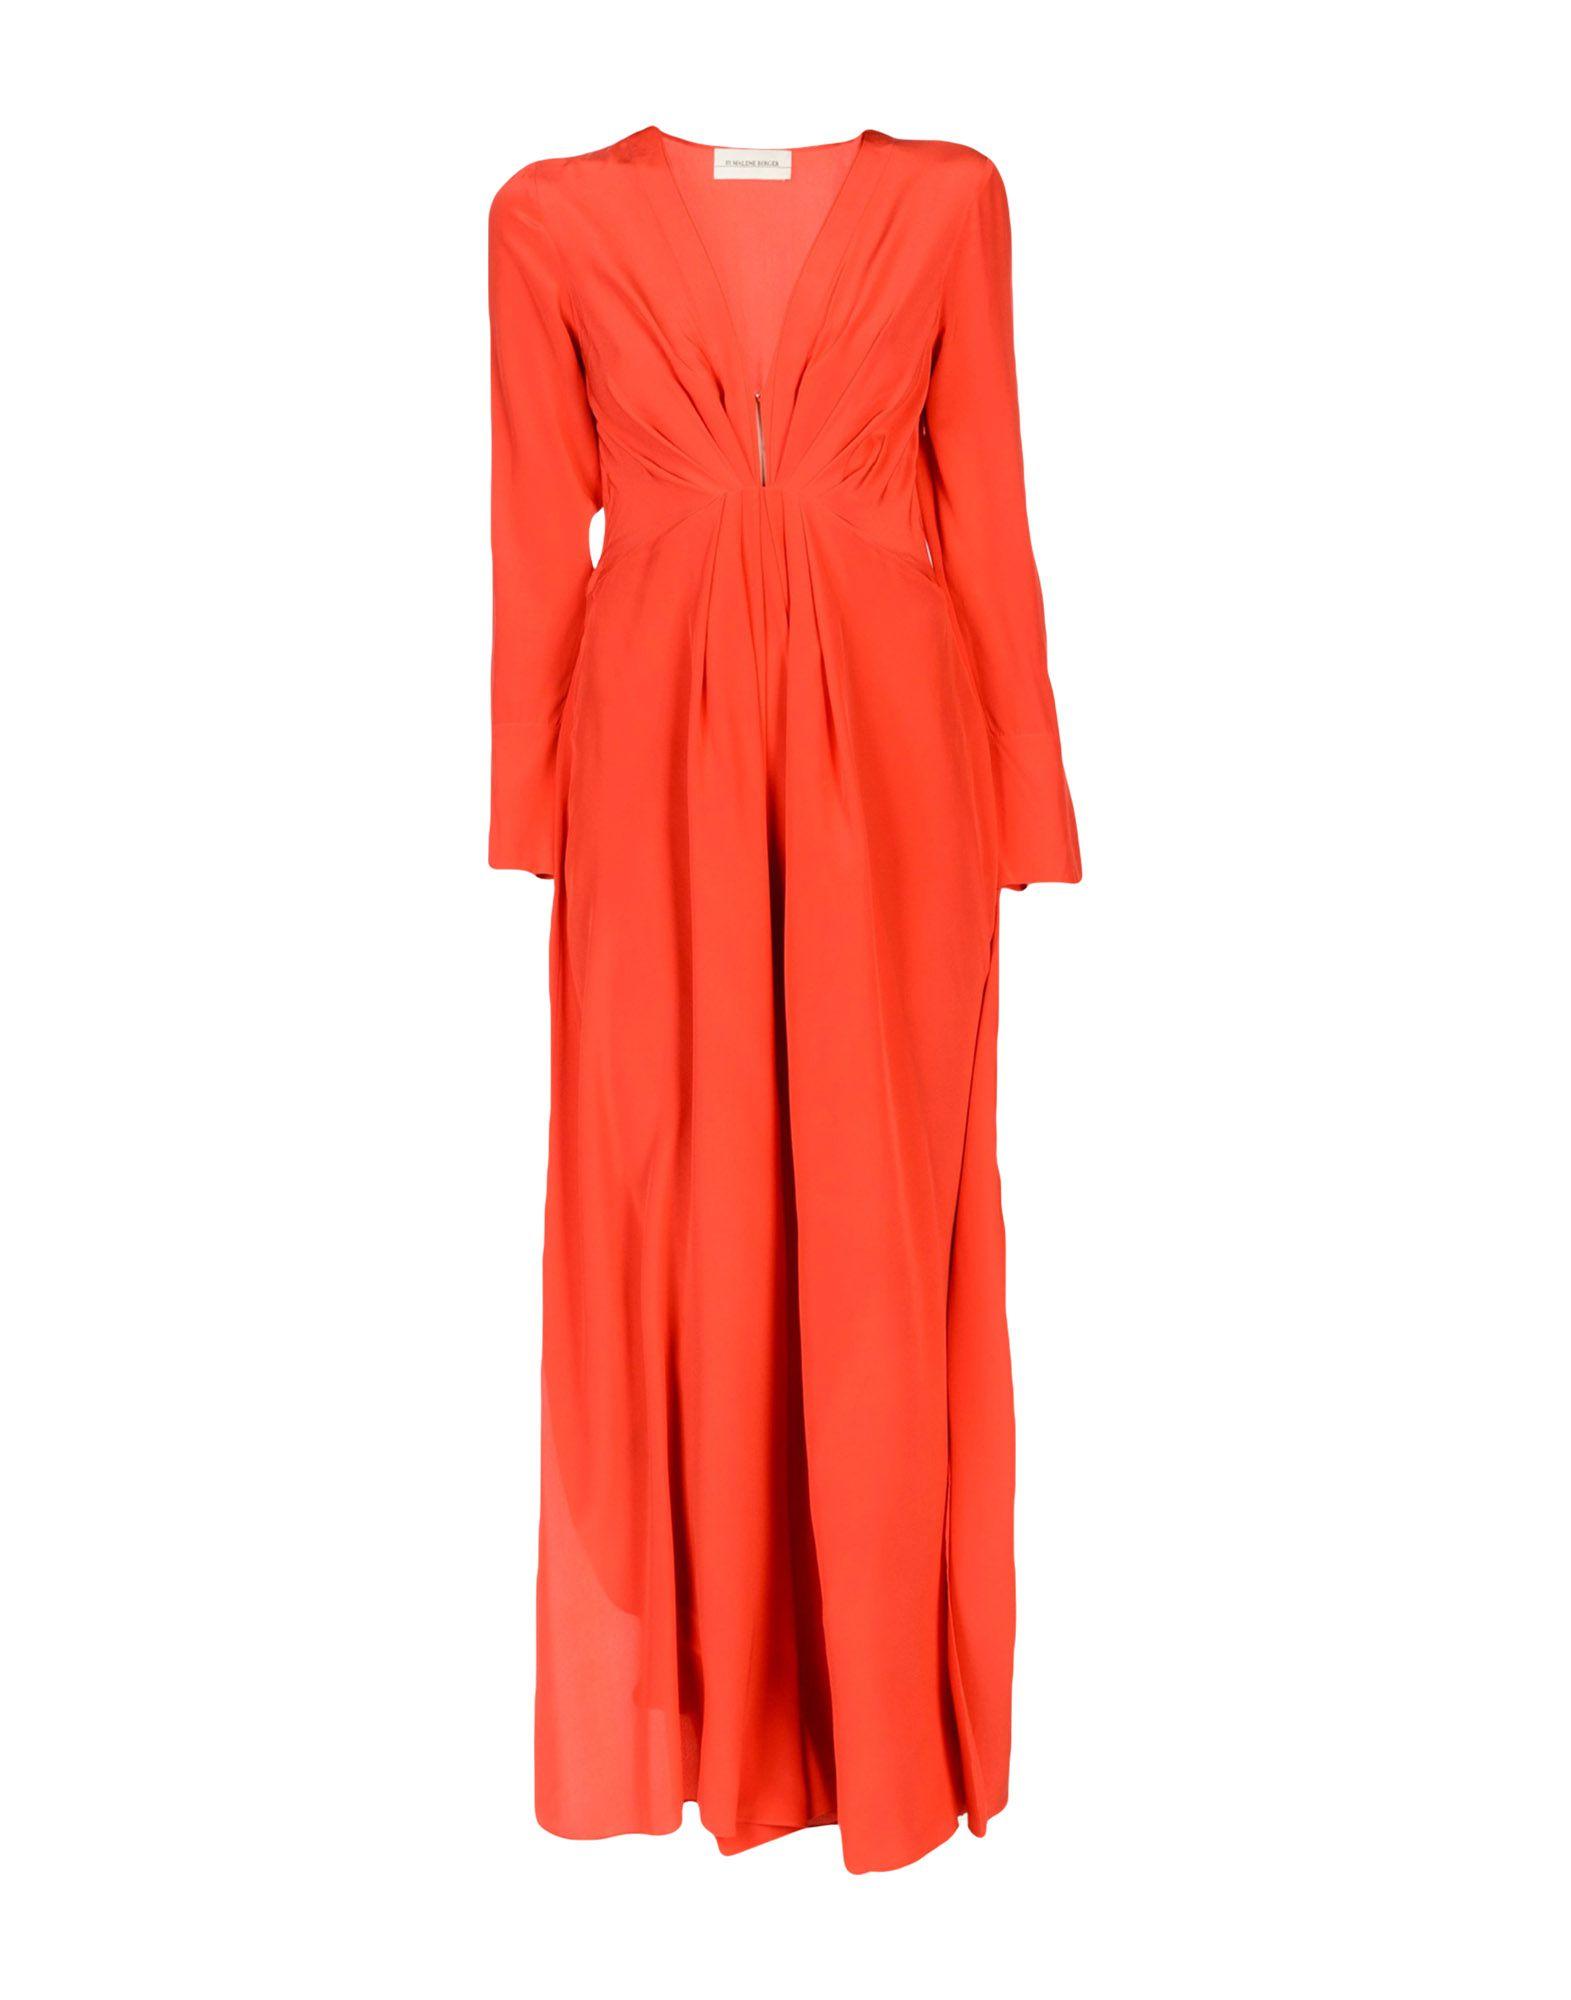 c8787aeccada By Malene Birger Long Dress - Women By Malene Birger Long Dresses ...